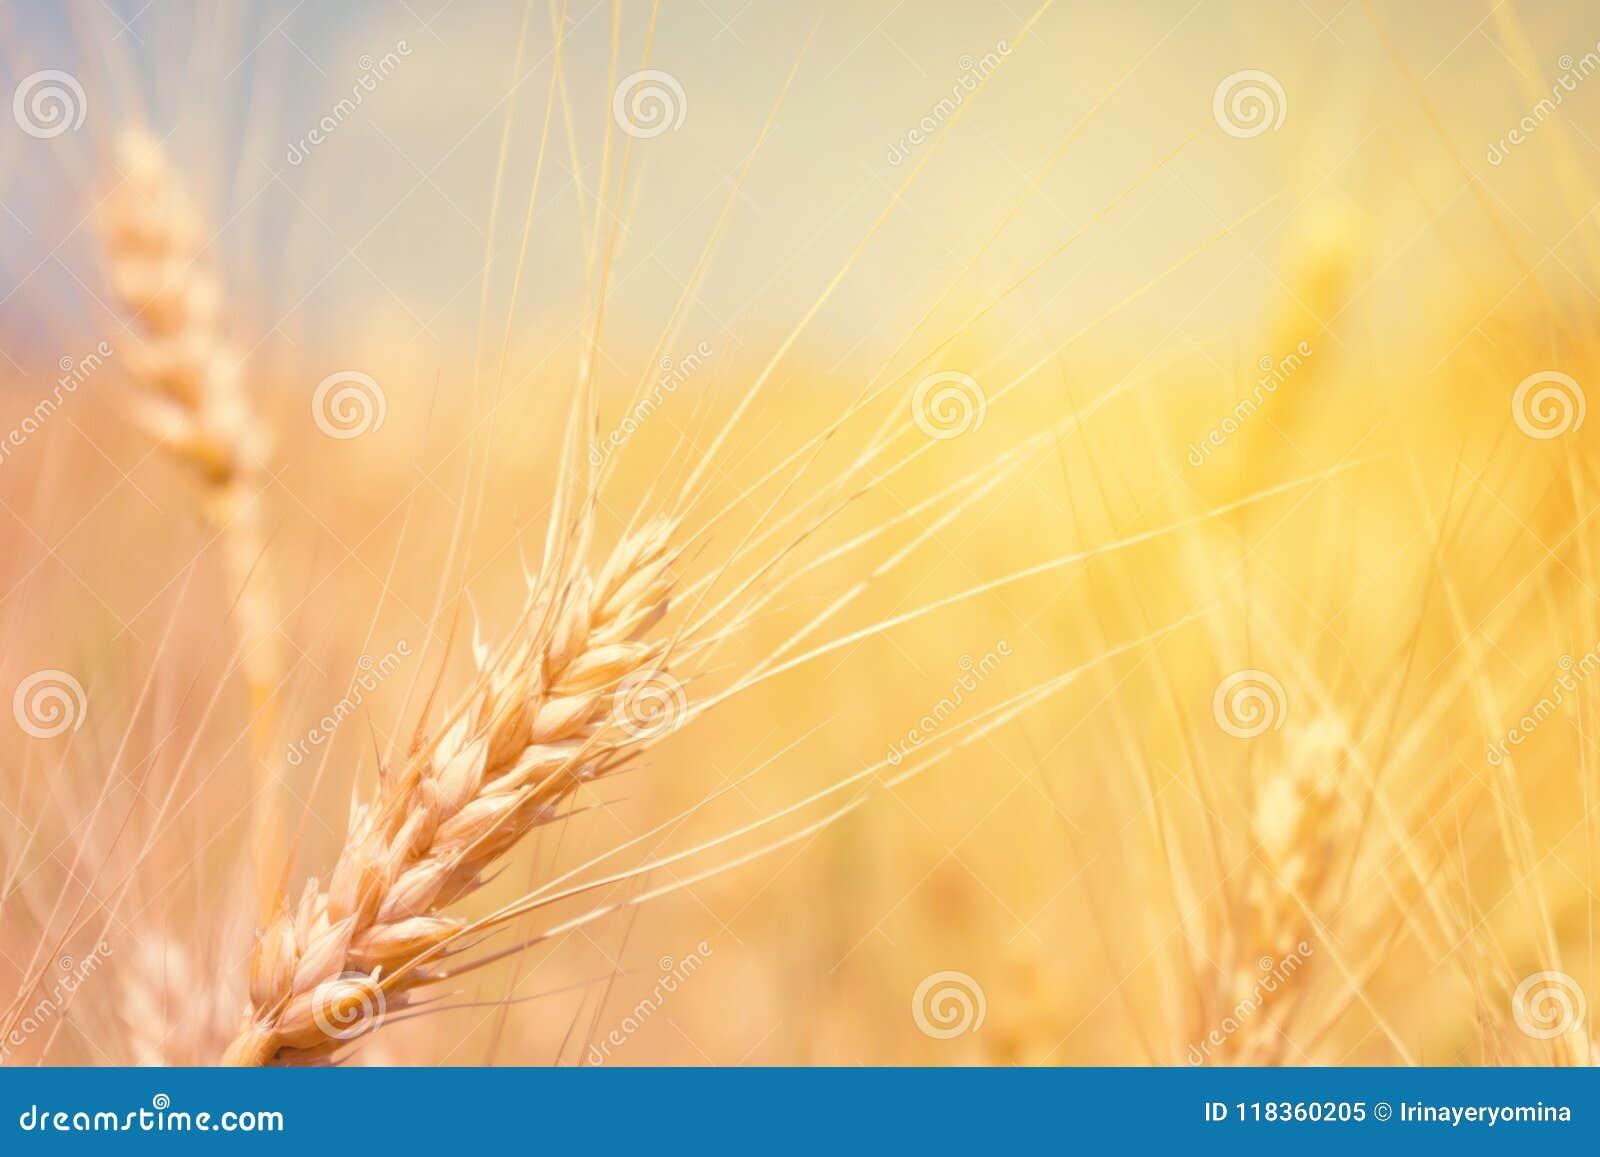 Produto natural de campo de trigo Spikelets do trigo em clos da luz solar